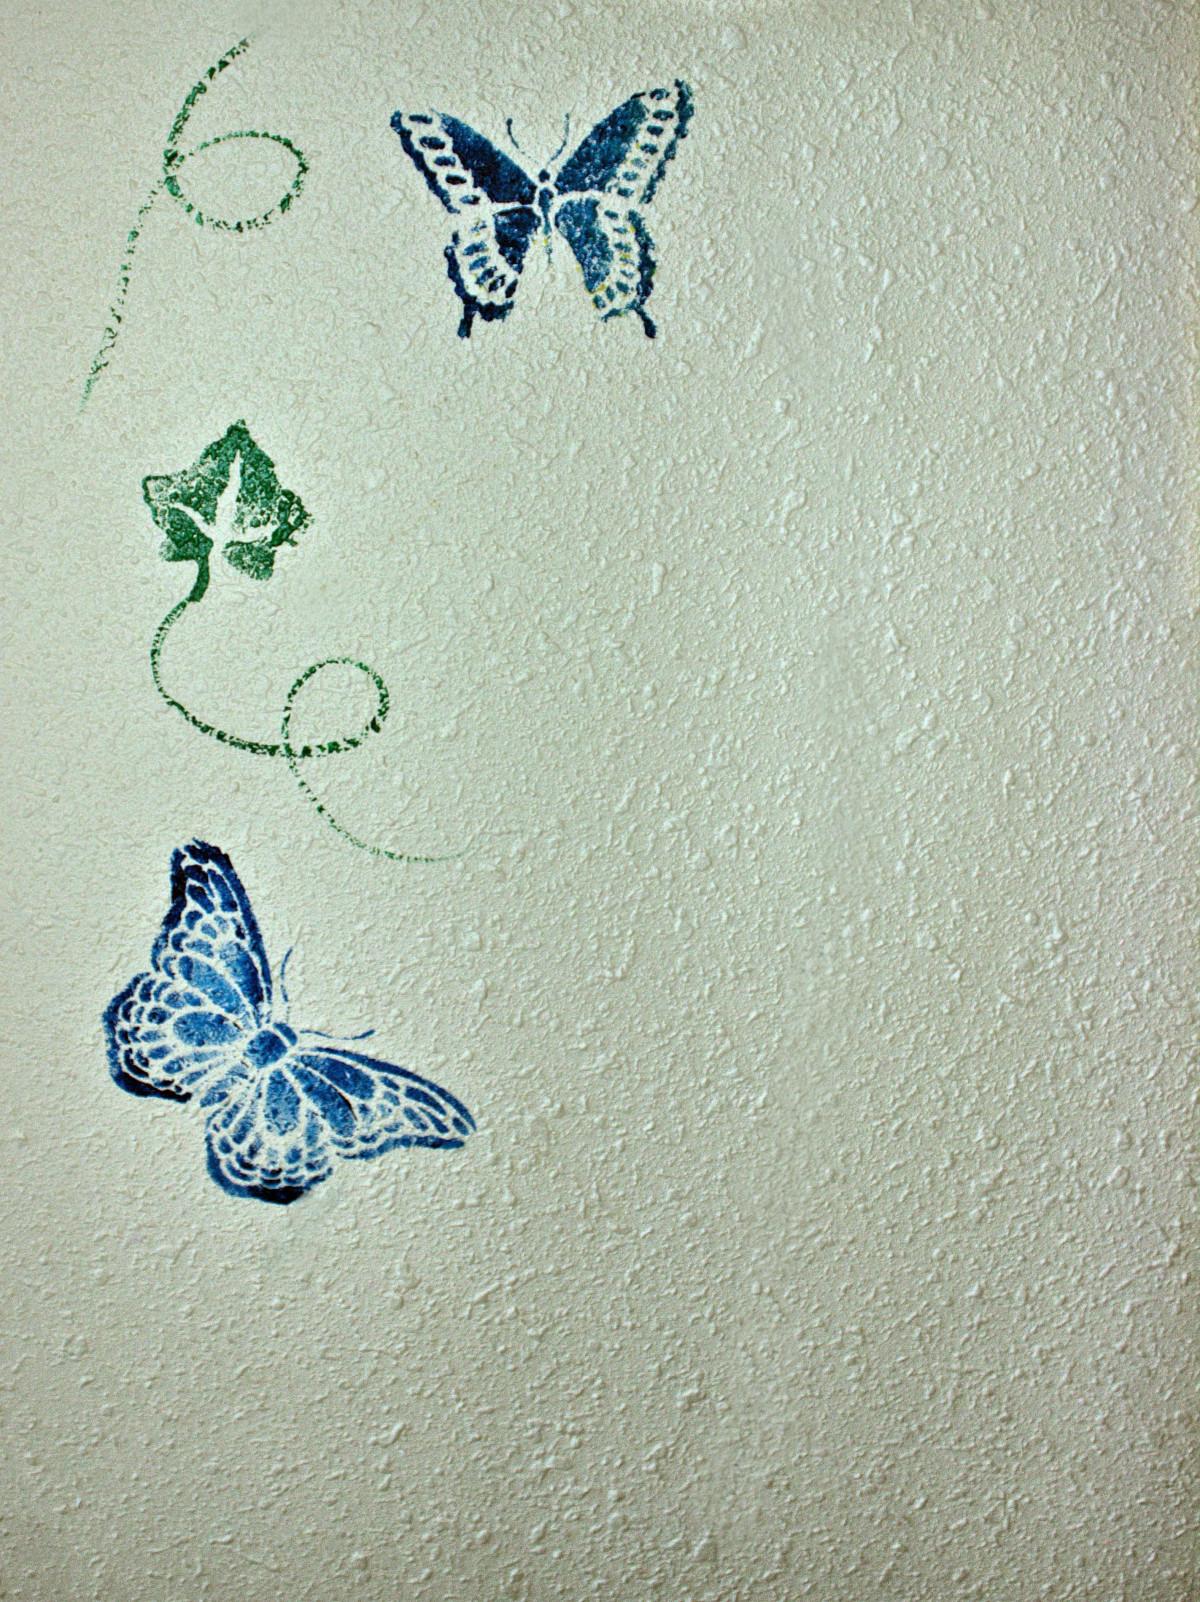 Трафарет бабочки для покраски на стене своими руками